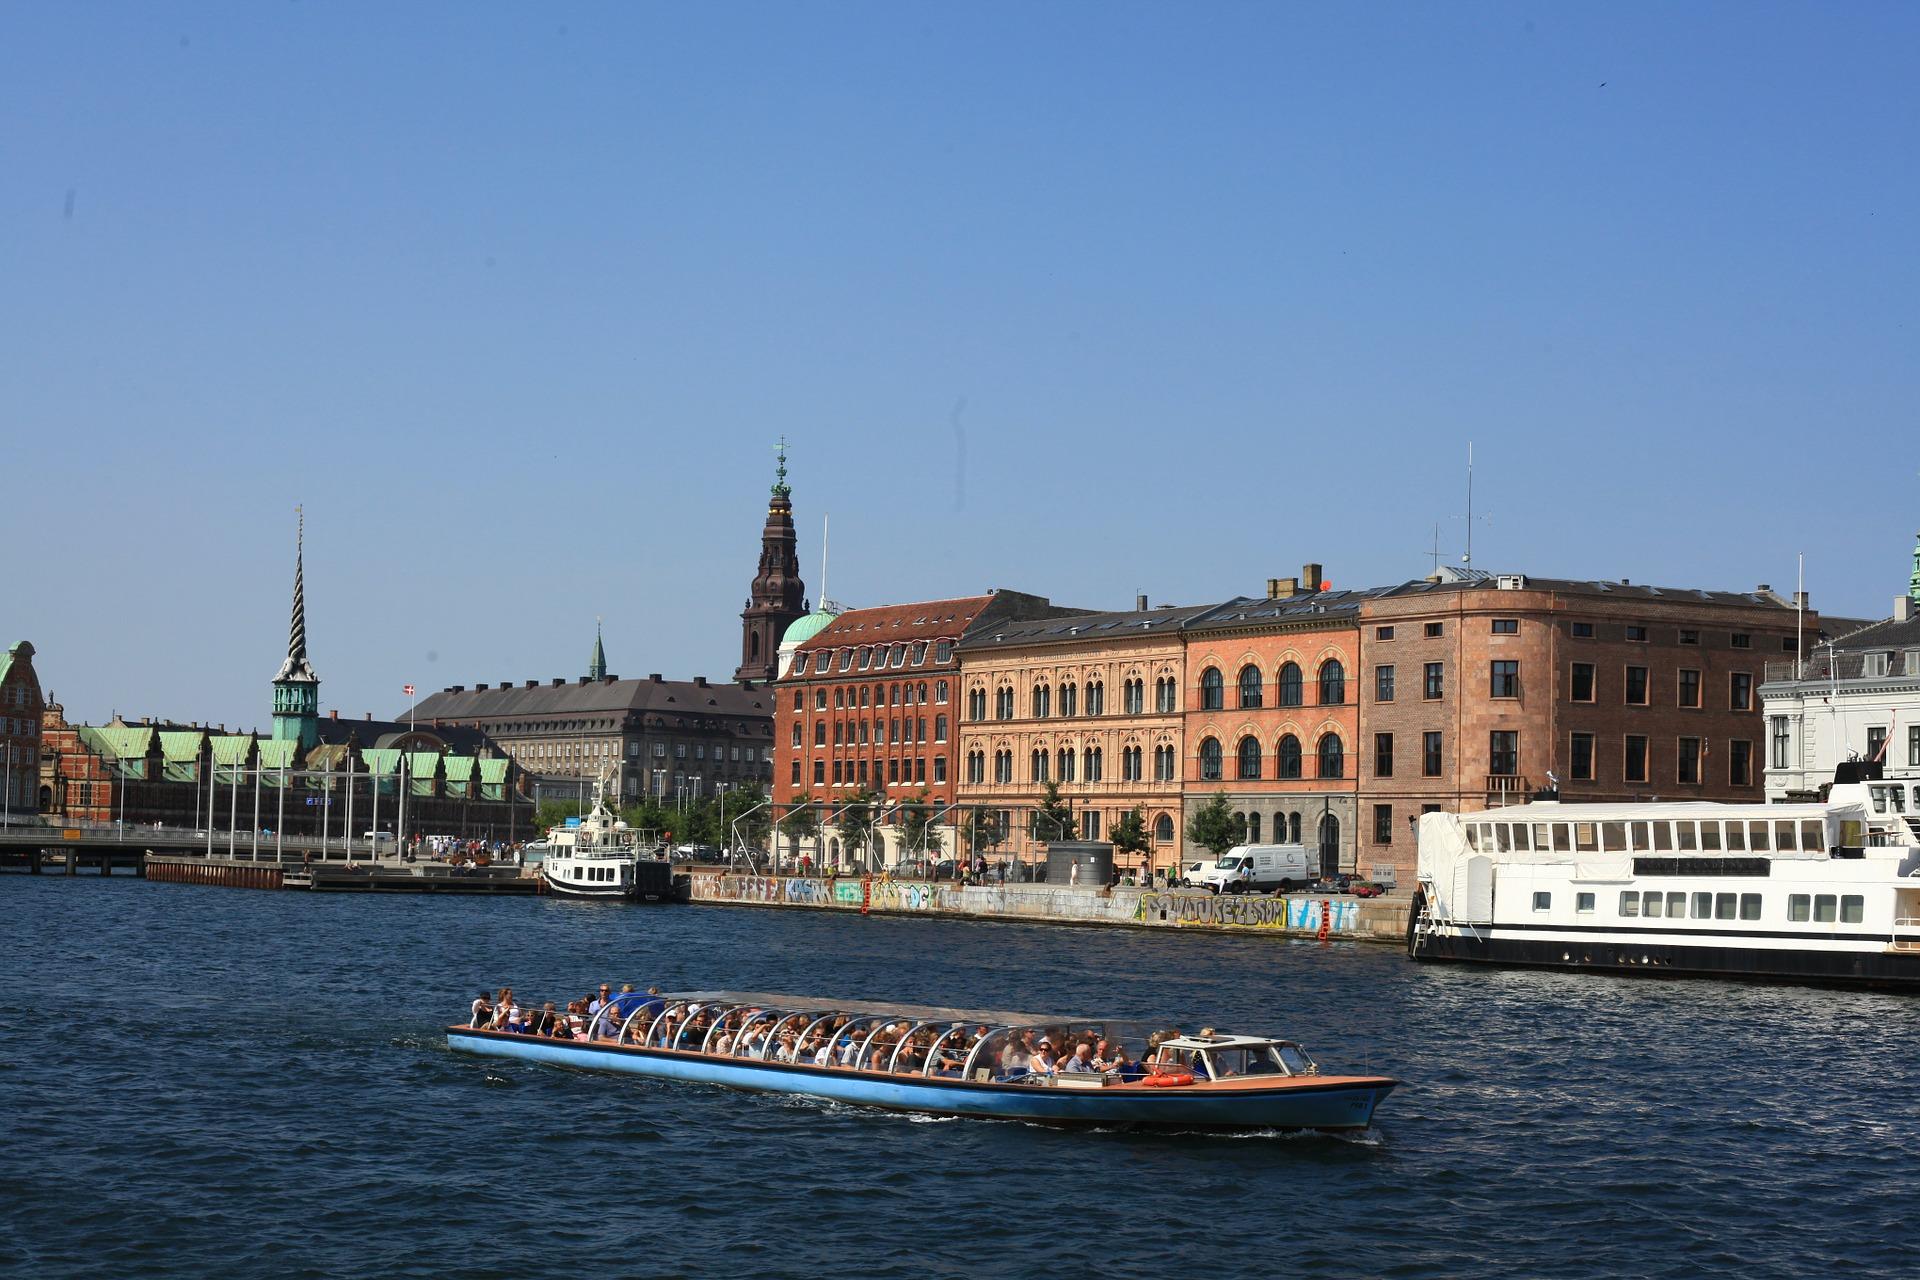 Piraten Tour durch Kopenhagen Hop on Hop of Boot & Busticket ab 35,00€ 48 Stunden lang ist das Ticket gültig